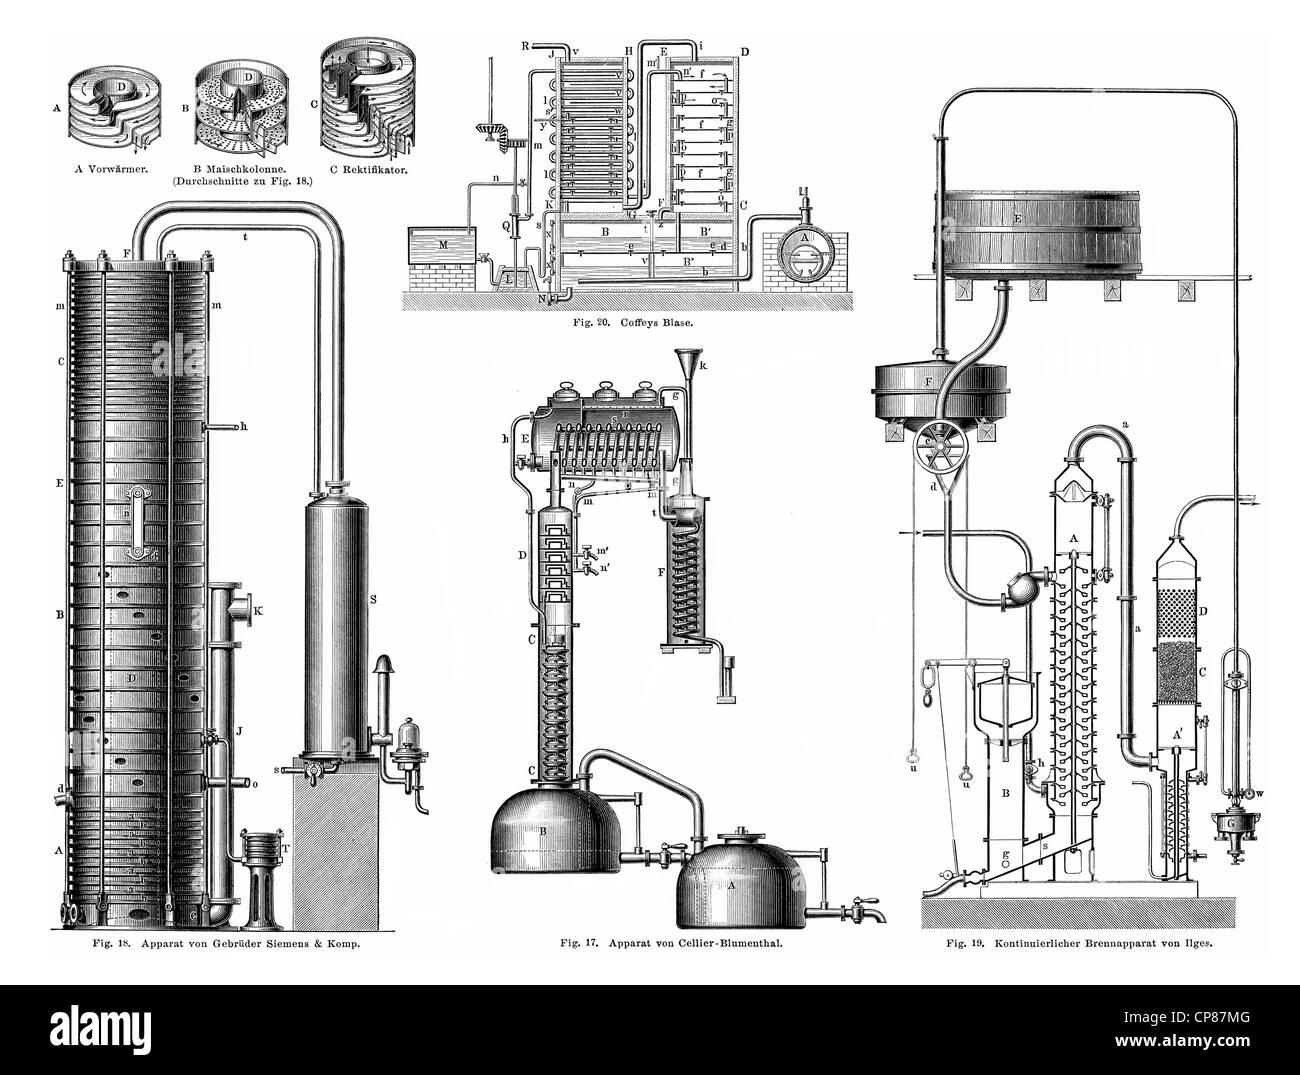 distillation apparatus, 19th Century, Historische, zeichnerische Darstellung, Apparate zur Destillation, 19. Jahrhundert, - Stock Image